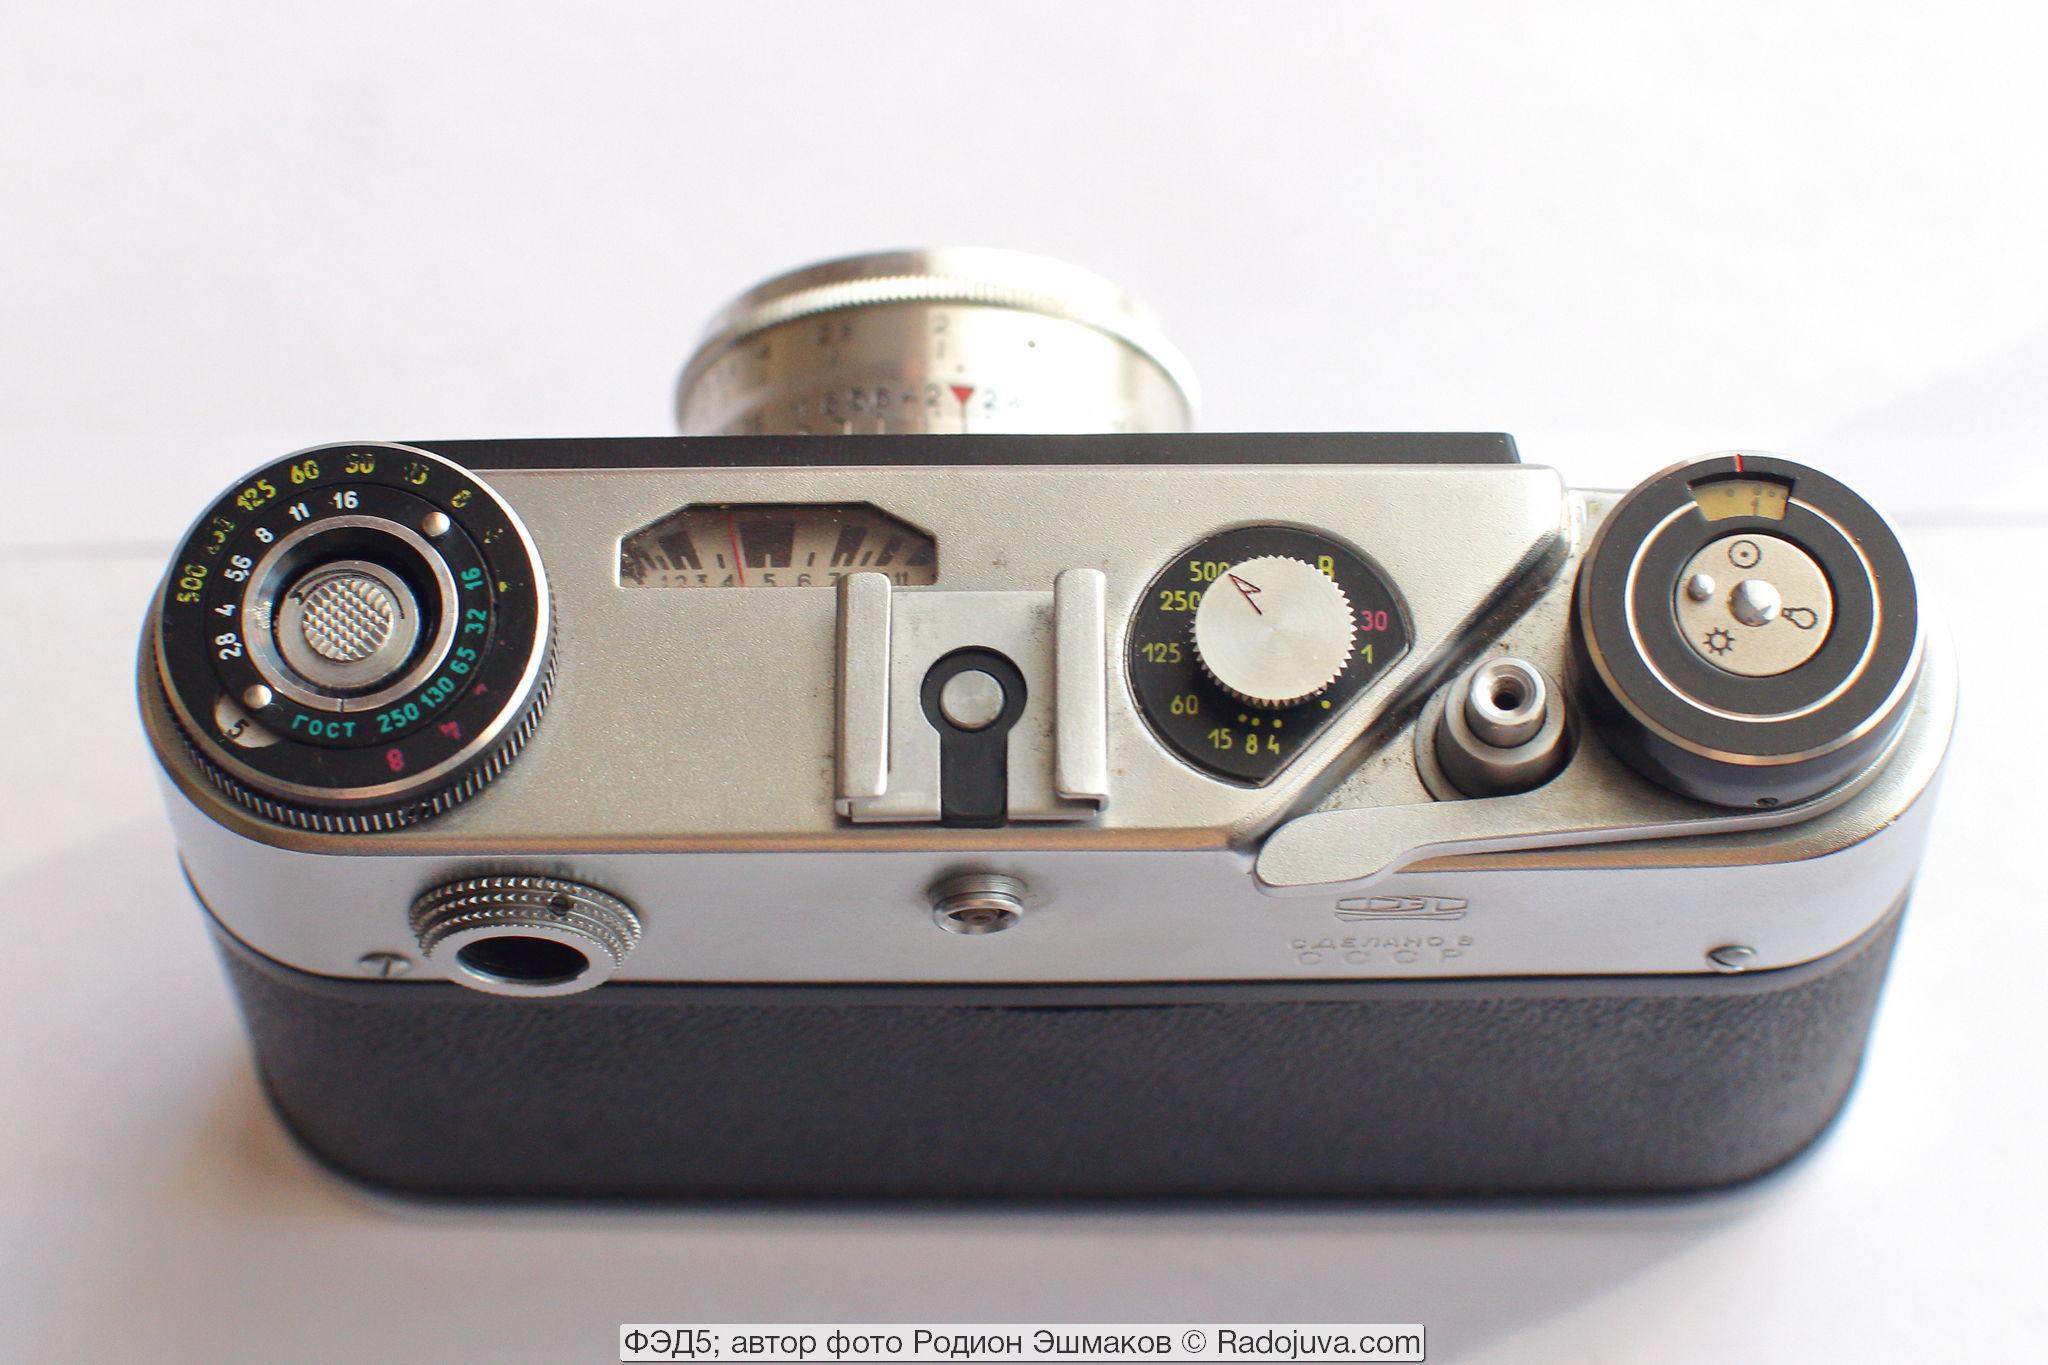 Верхняя панель фотоаппарат ФЭД-5